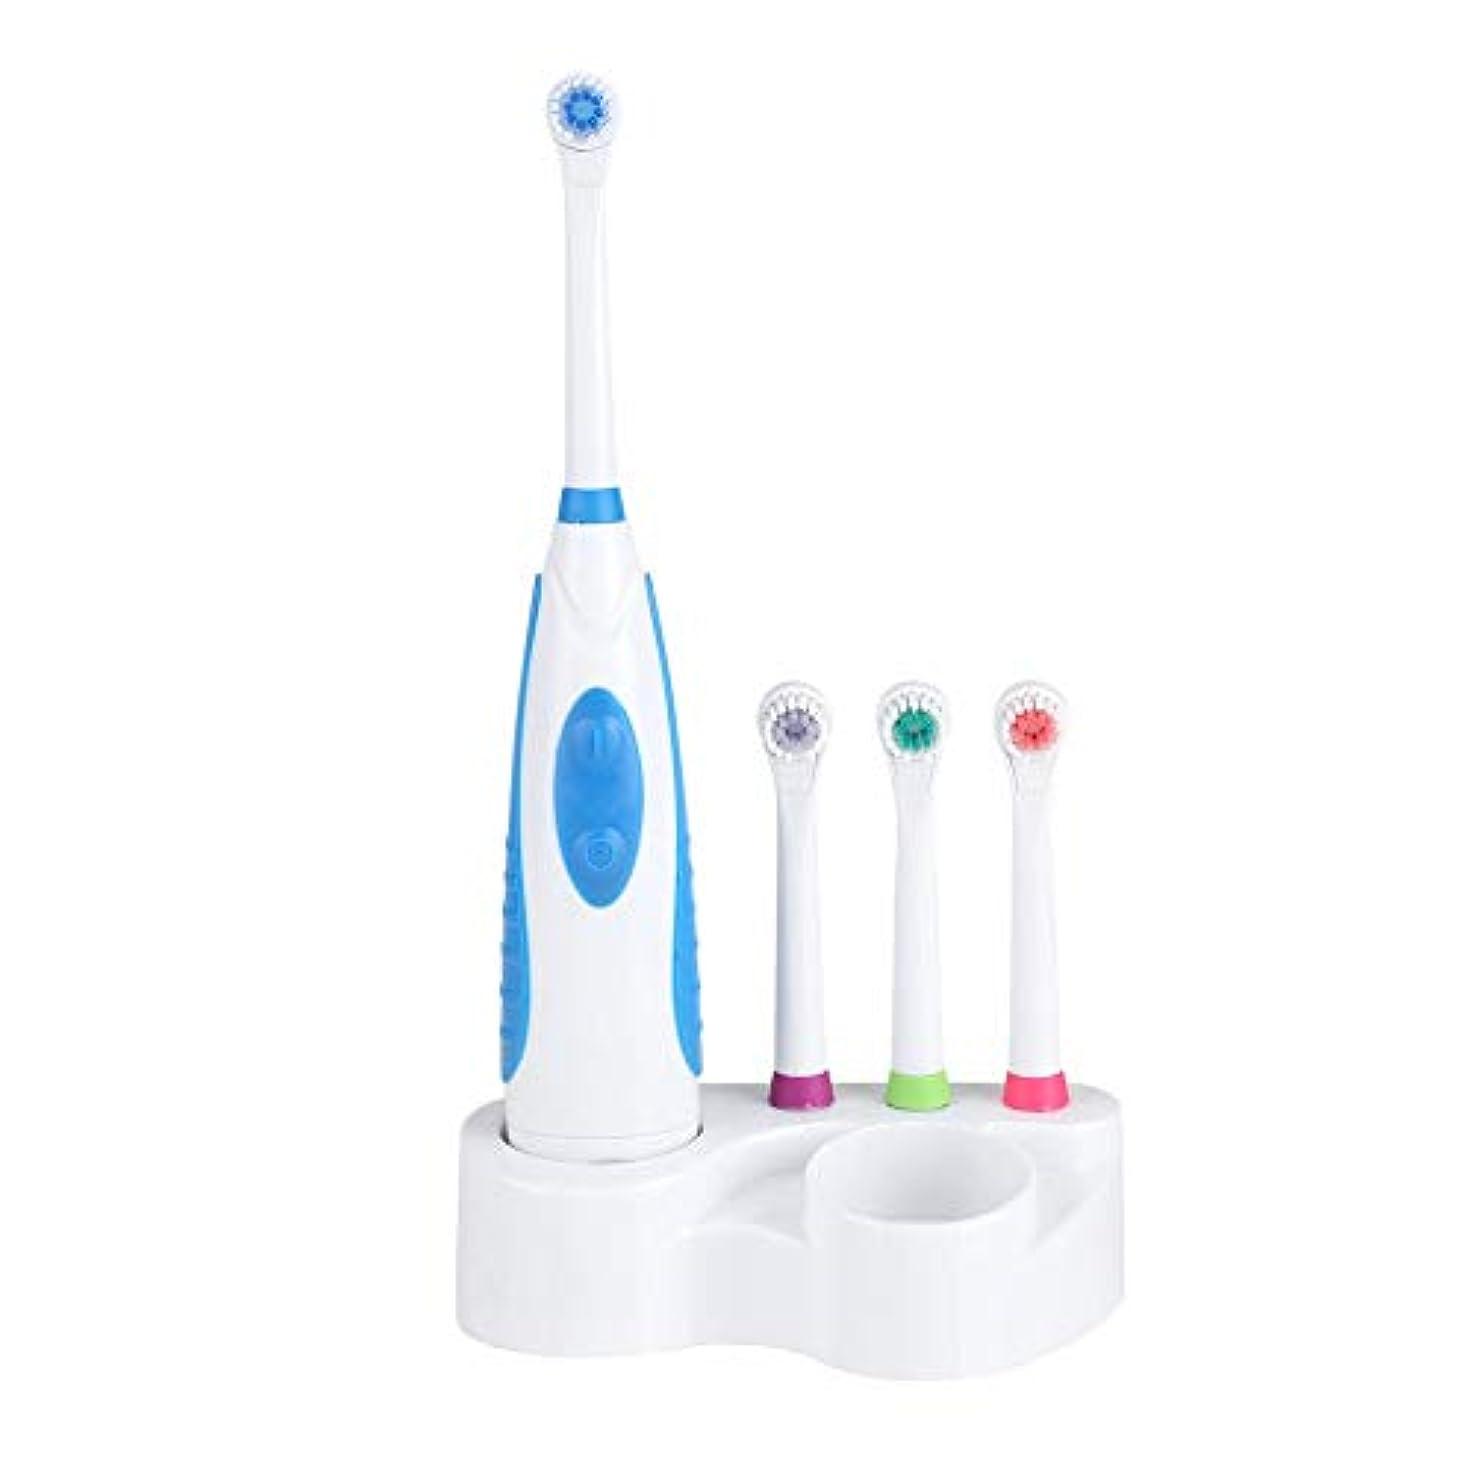 聴覚キウイ陰気電動歯ブラシ3個の交換用ヘッドとホルダー付き電動歯ブラシホワイトニングクレンジングオーラルケア(Blue)